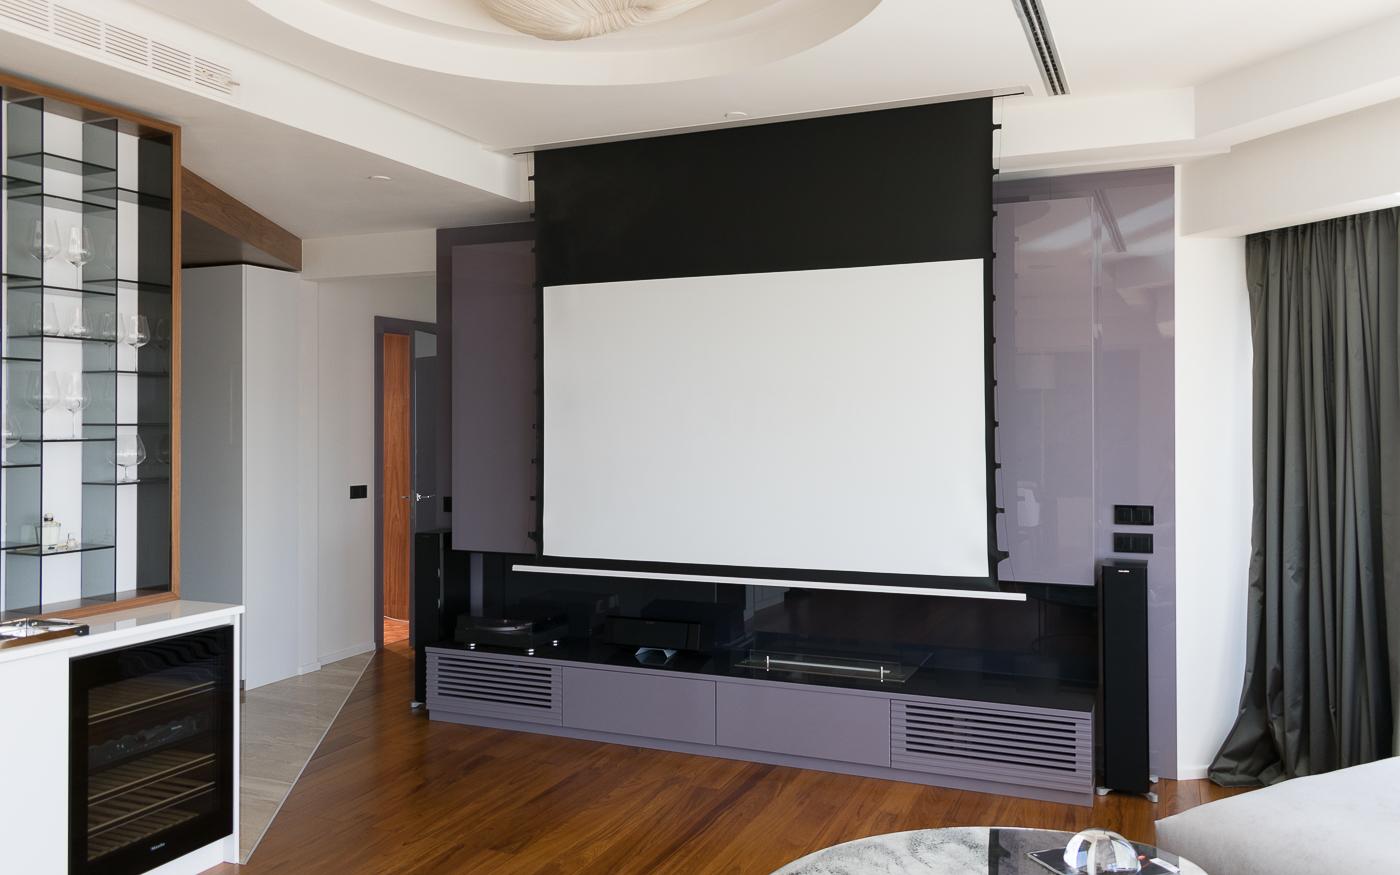 Домашний кинотеатр с проектором и экраном в квартире